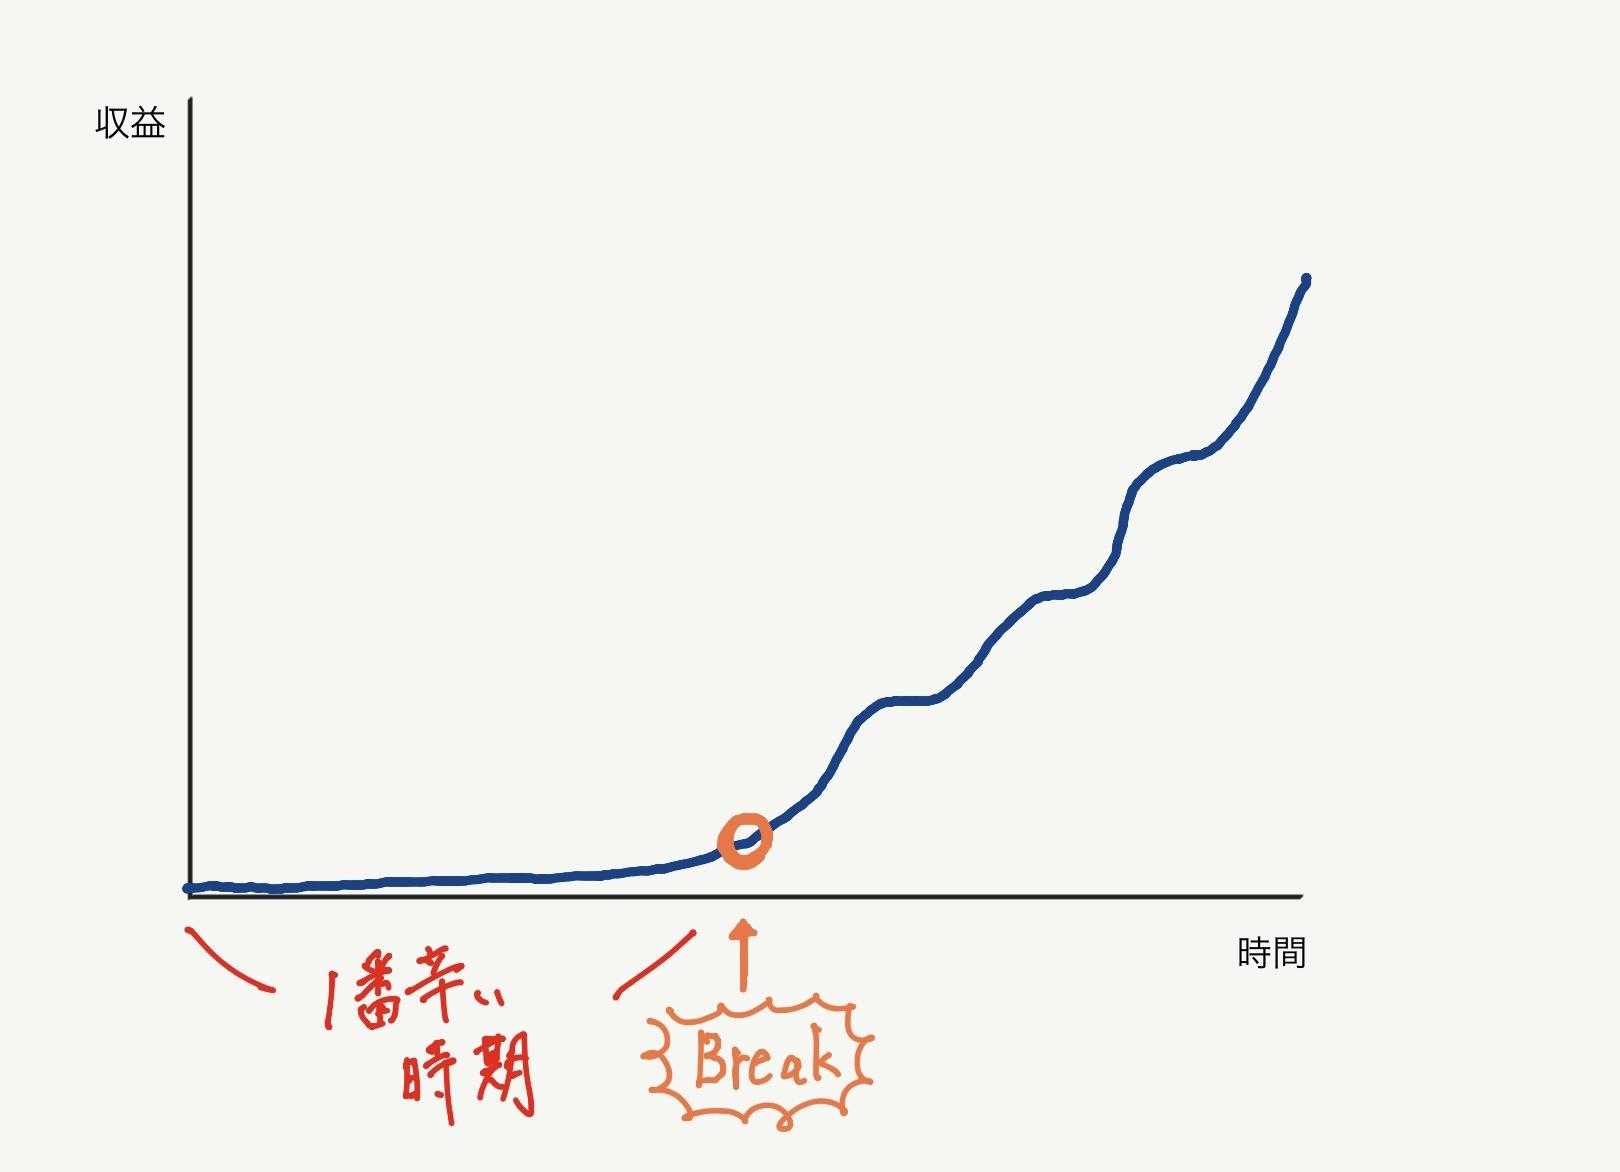 ブログの成長曲線【MoNomad】